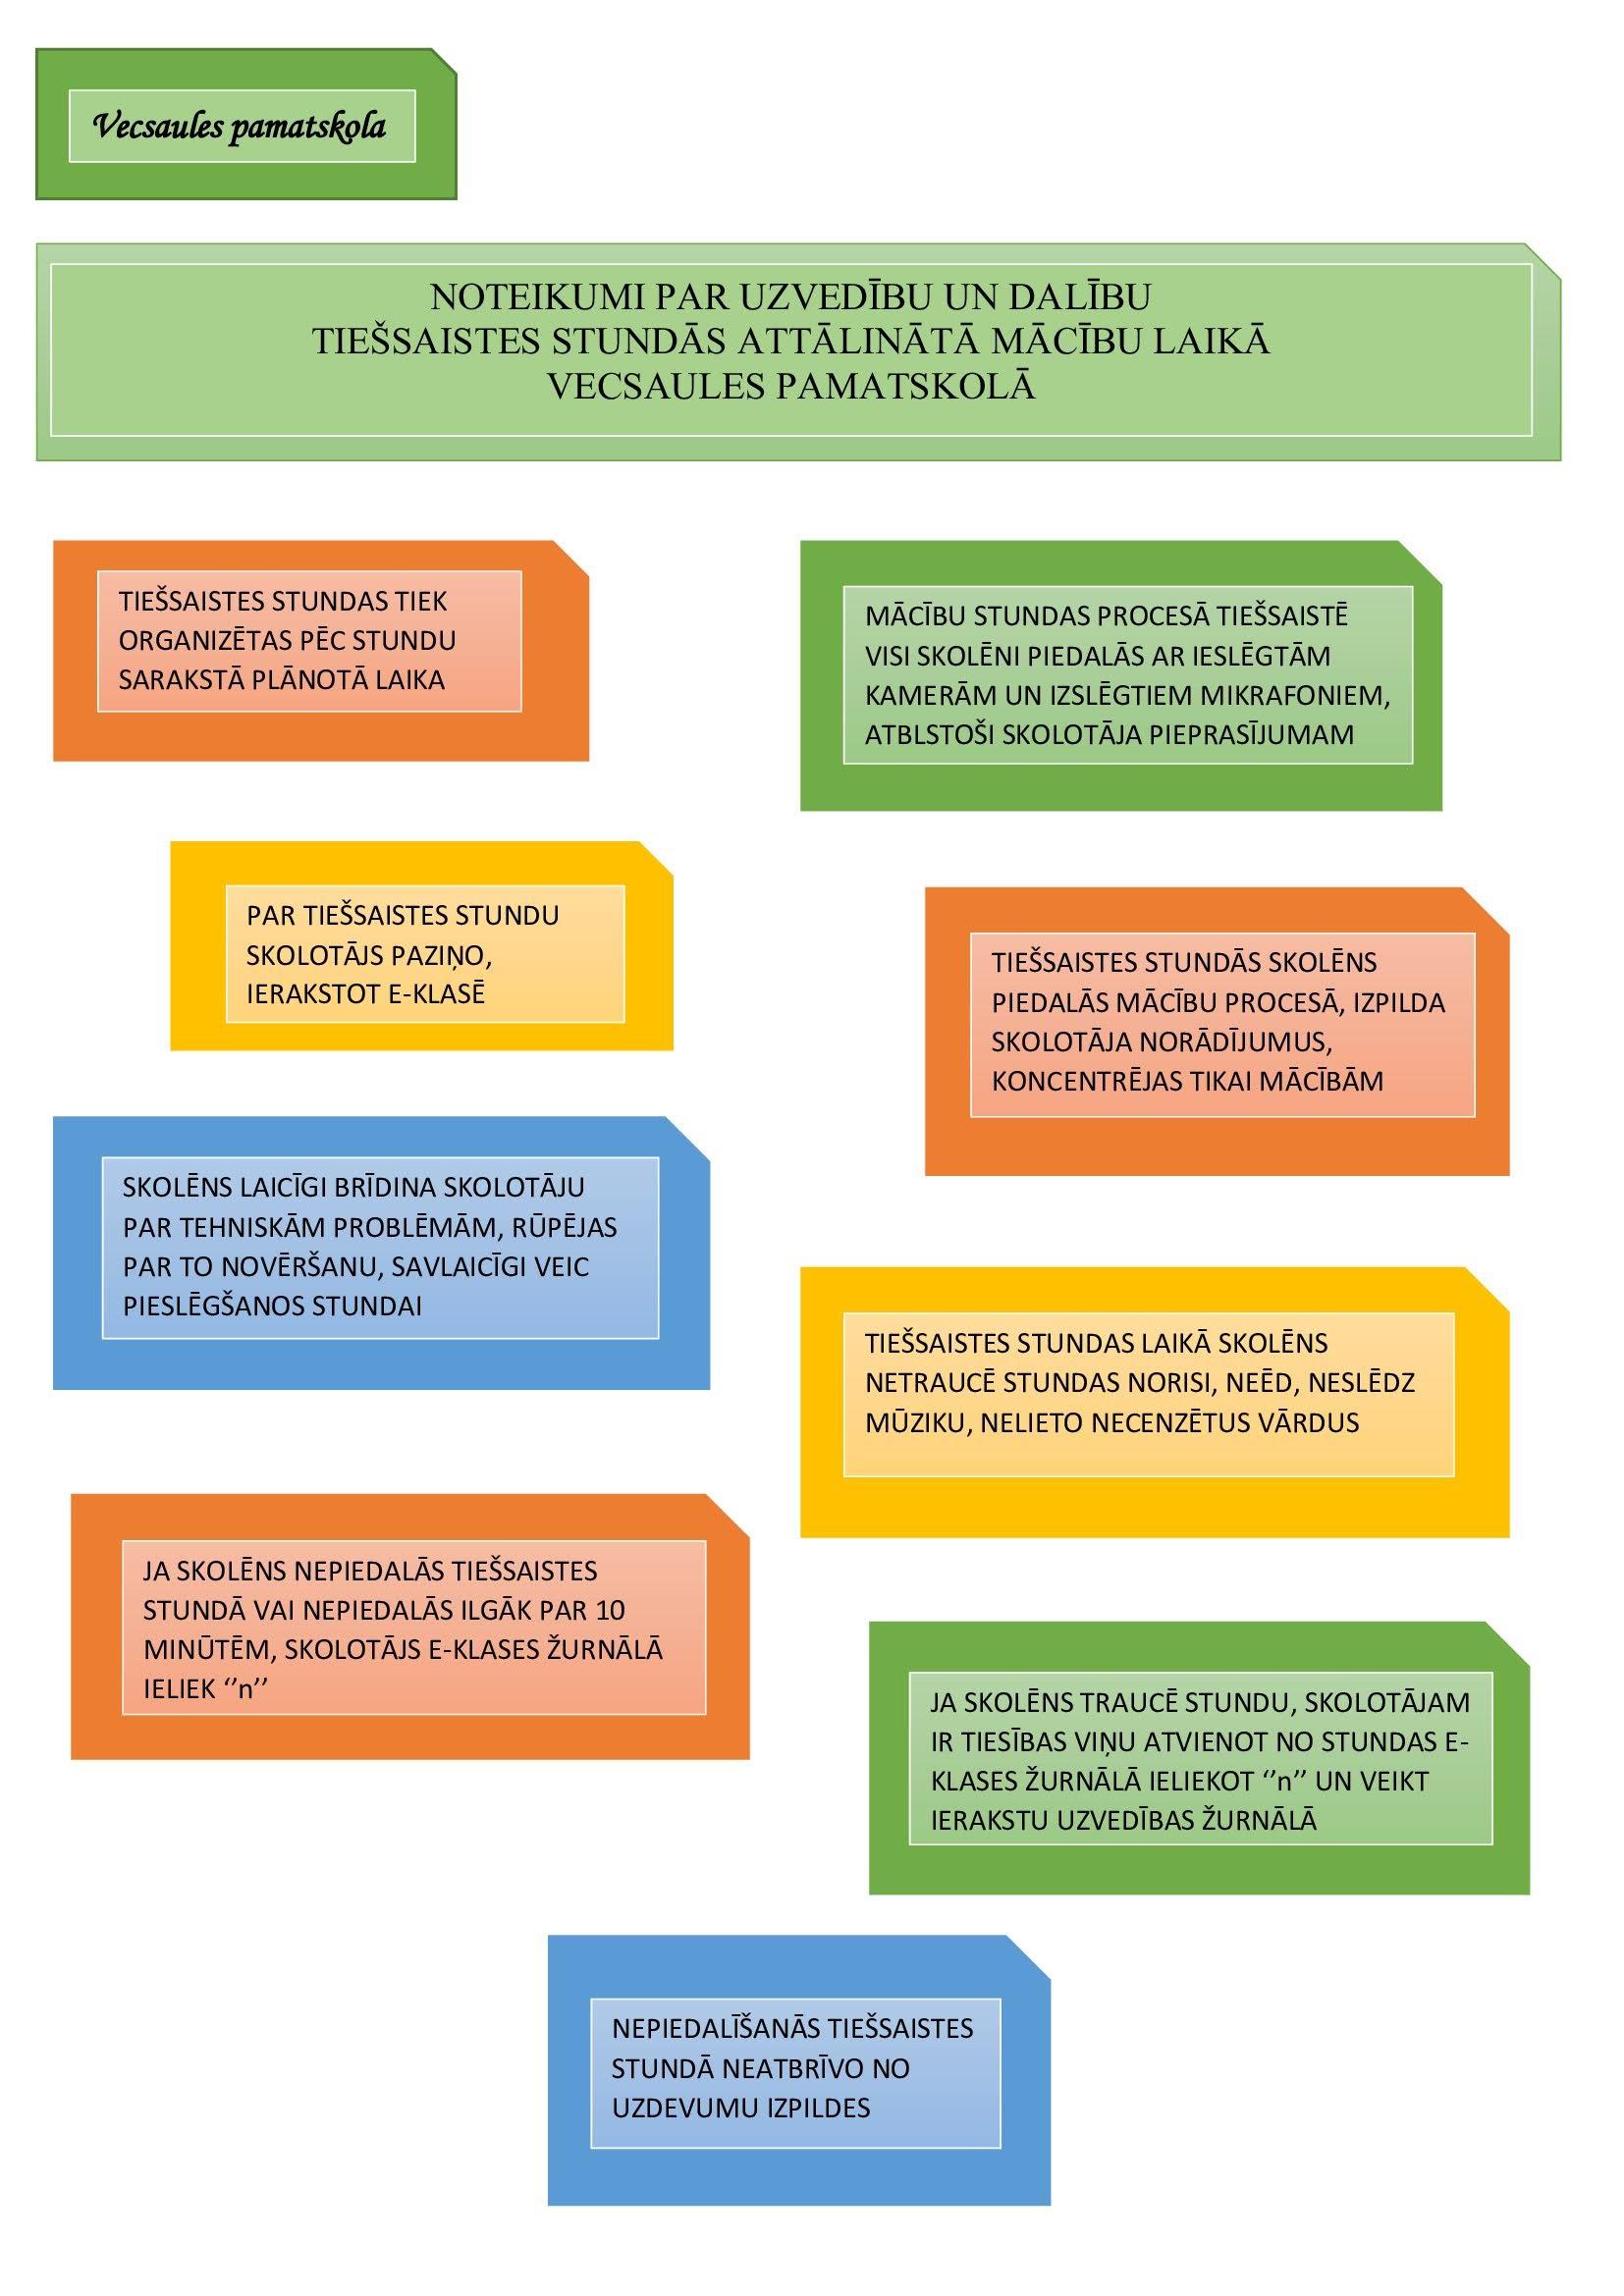 Vecsaules pamatskolas noteikumi par uzvedību un dalību tiešsaistes stundās attālinātā mācību laikā